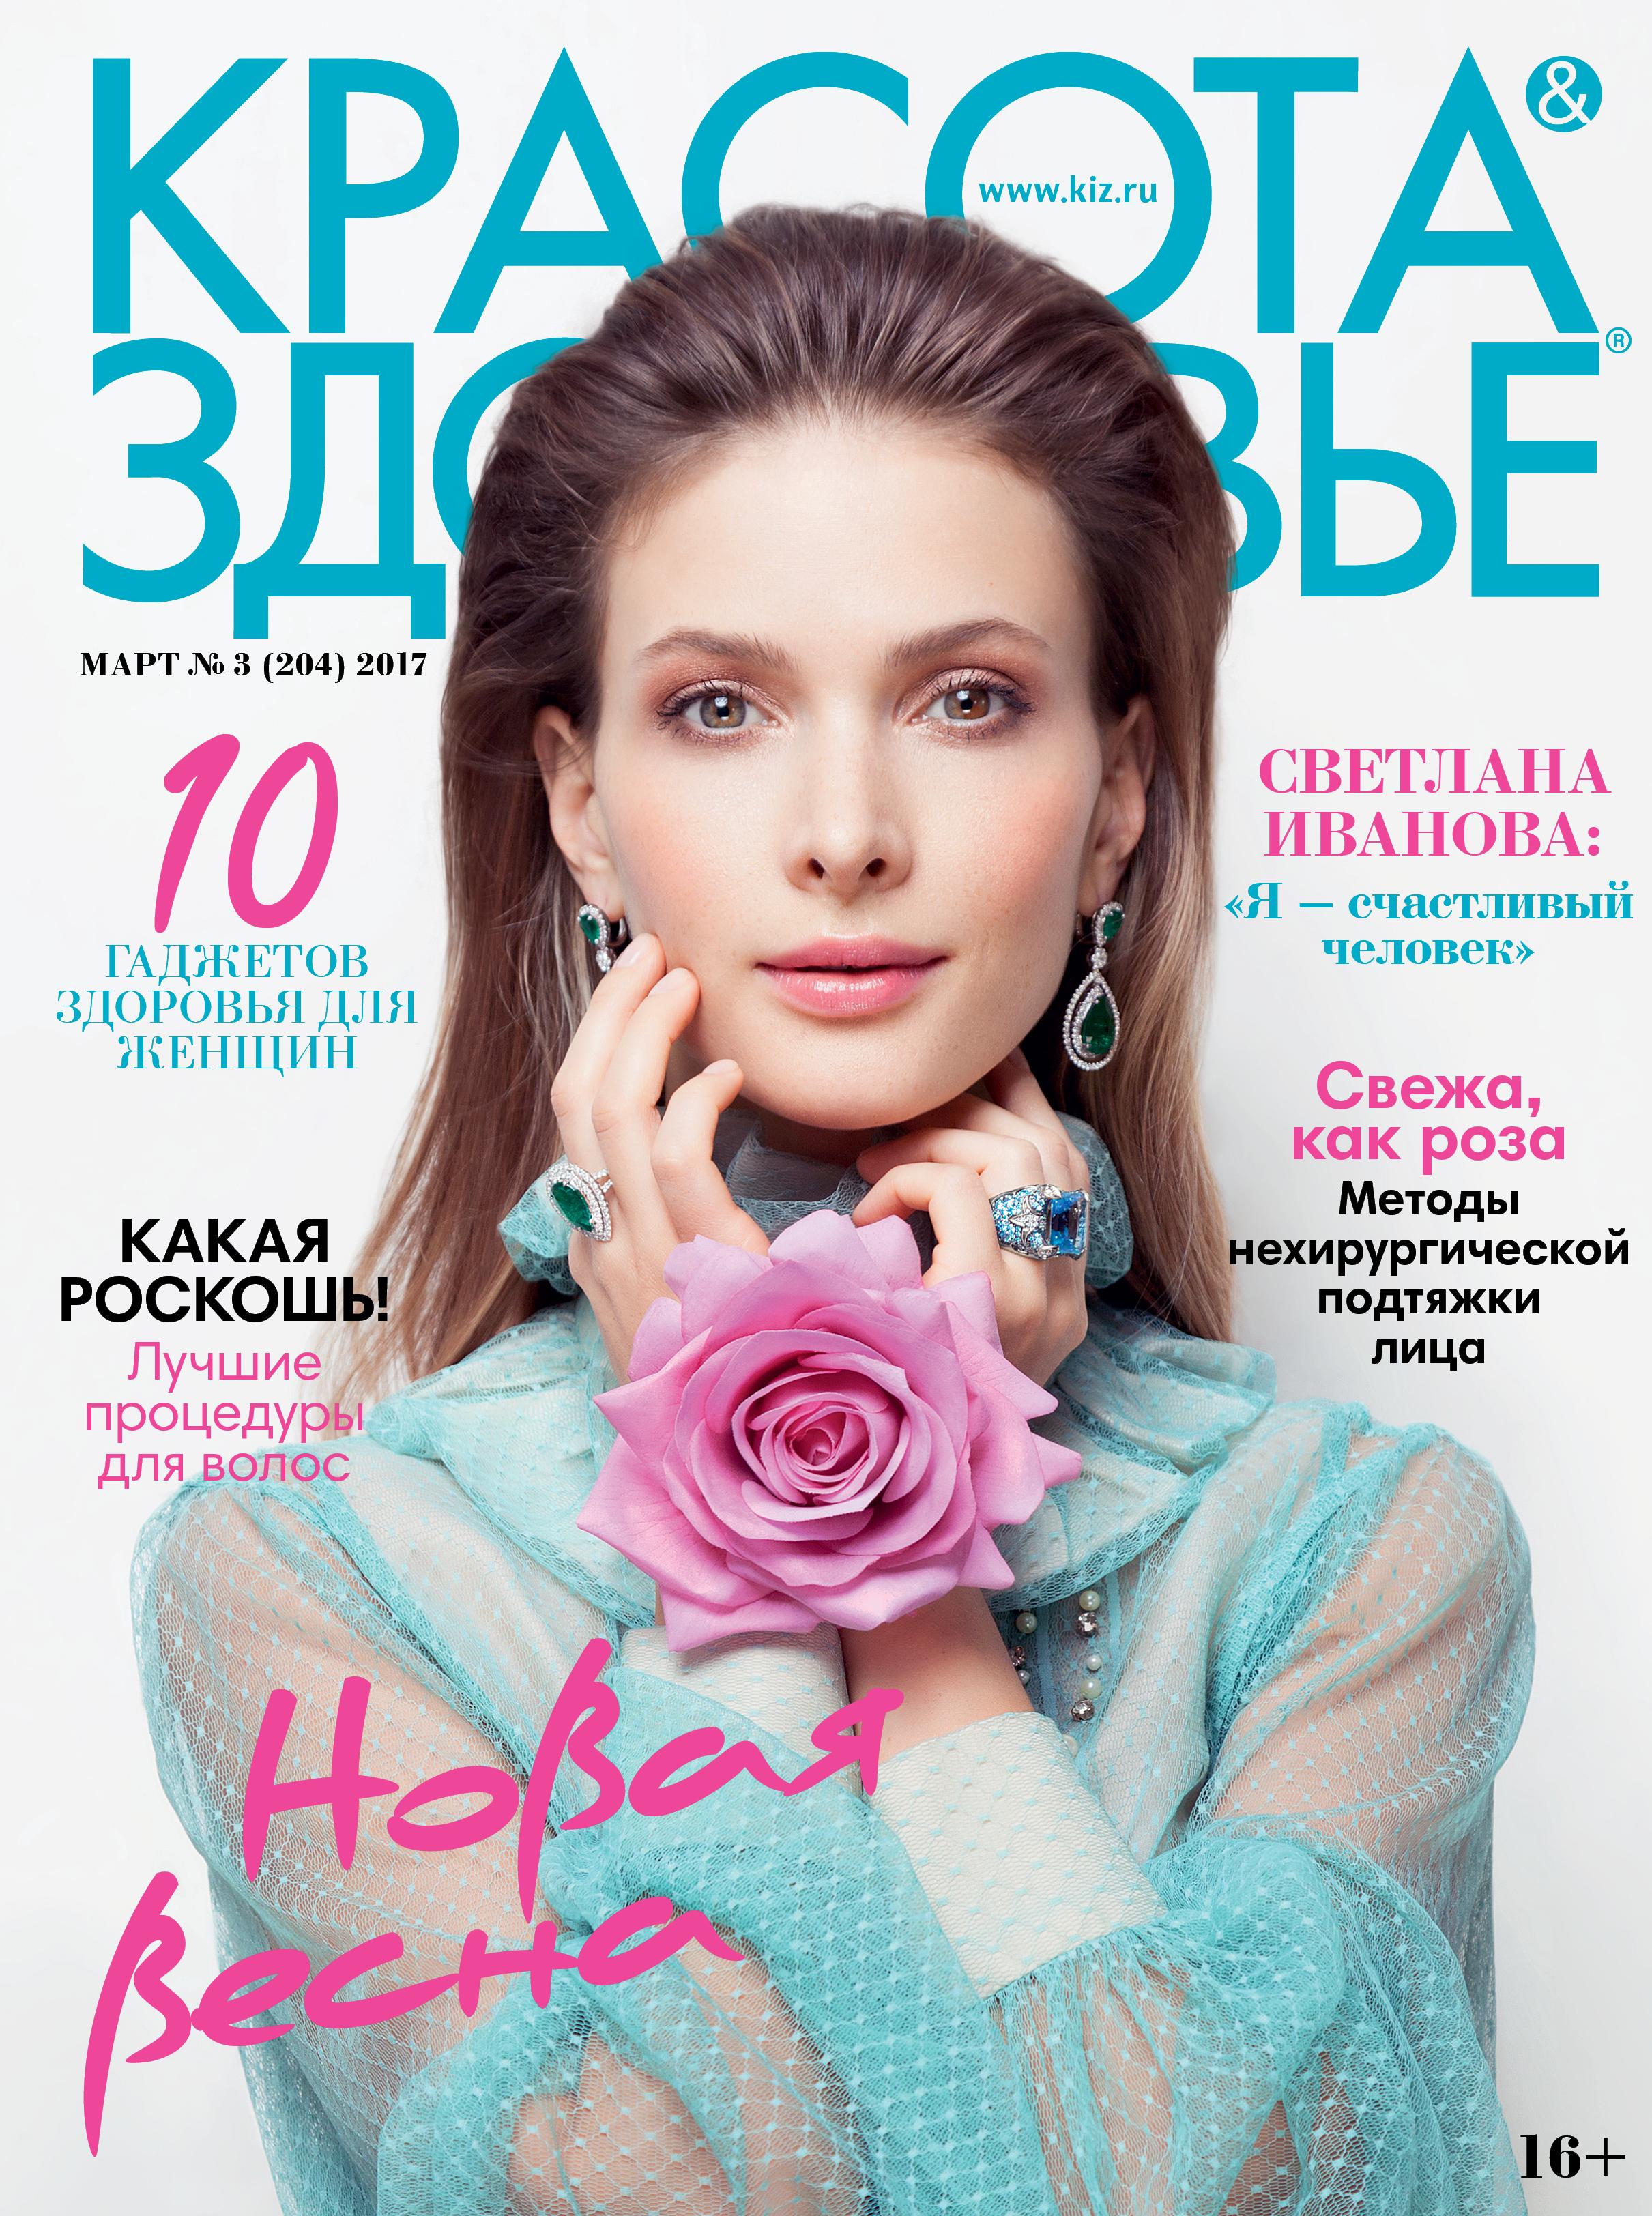 Красота и здоровье Журнал Красота и здоровье № 3